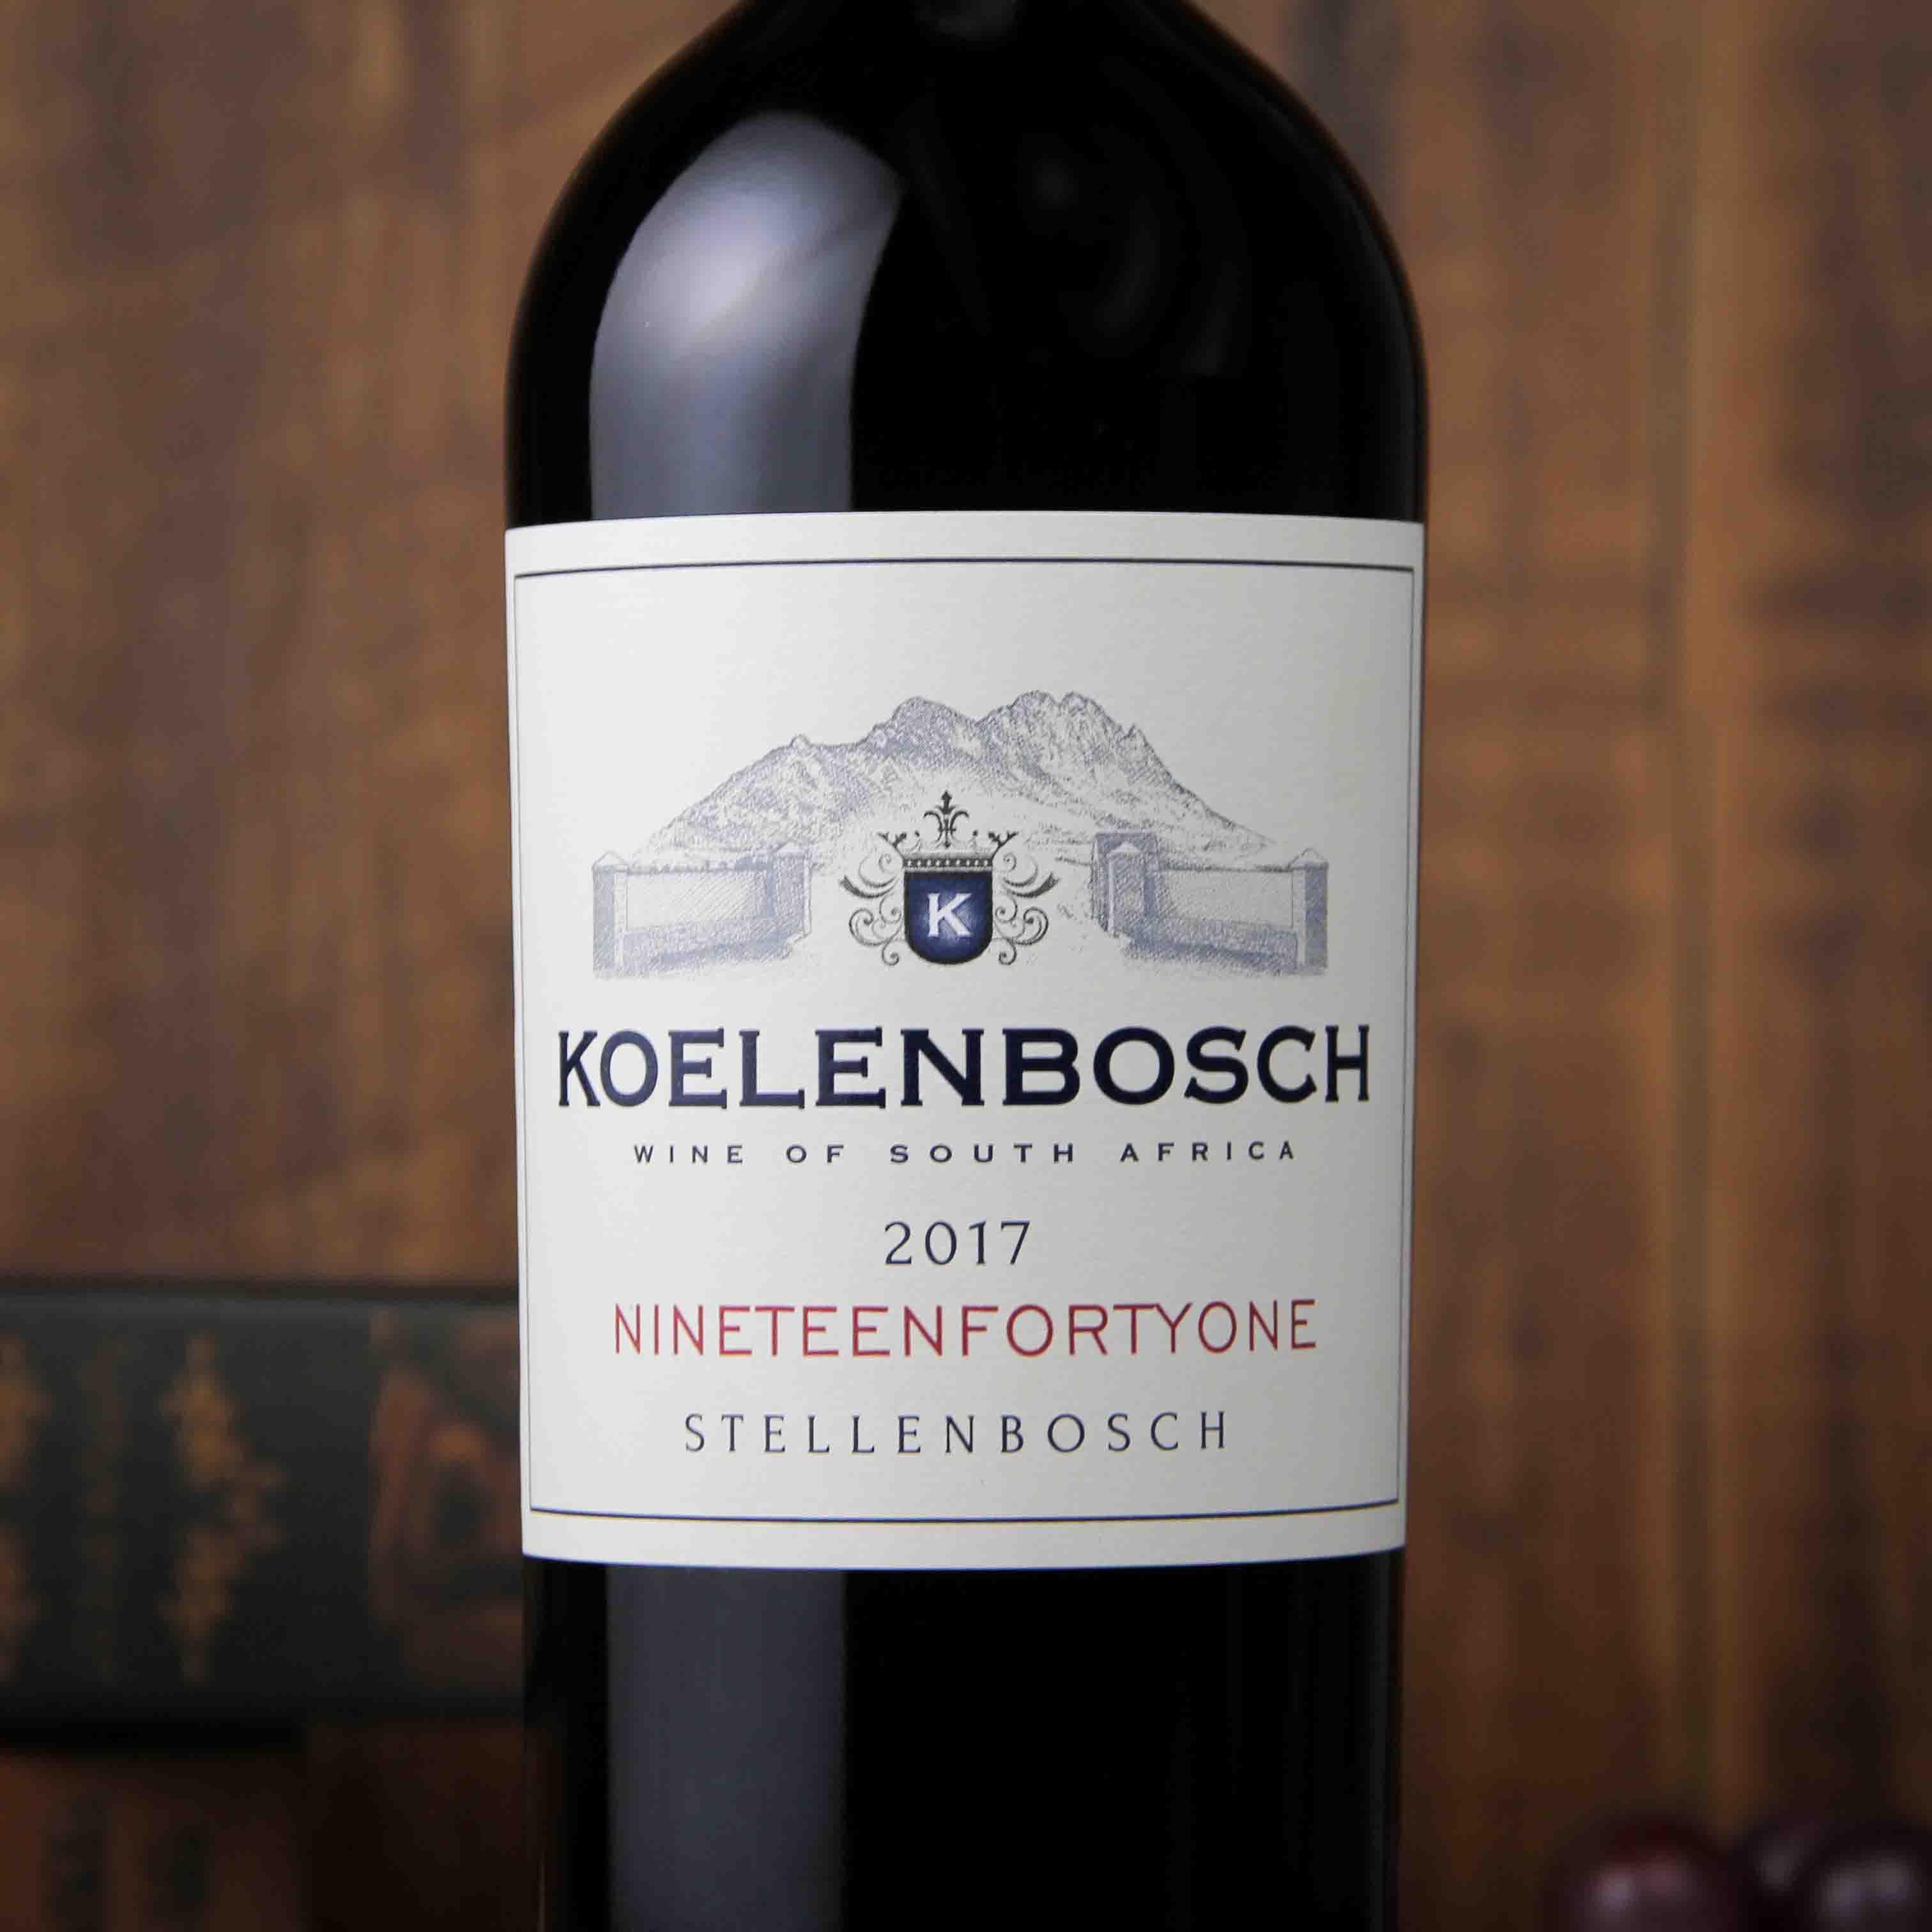 南非斯泰伦博斯豪富庄园克伦博斯红葡萄酒红酒